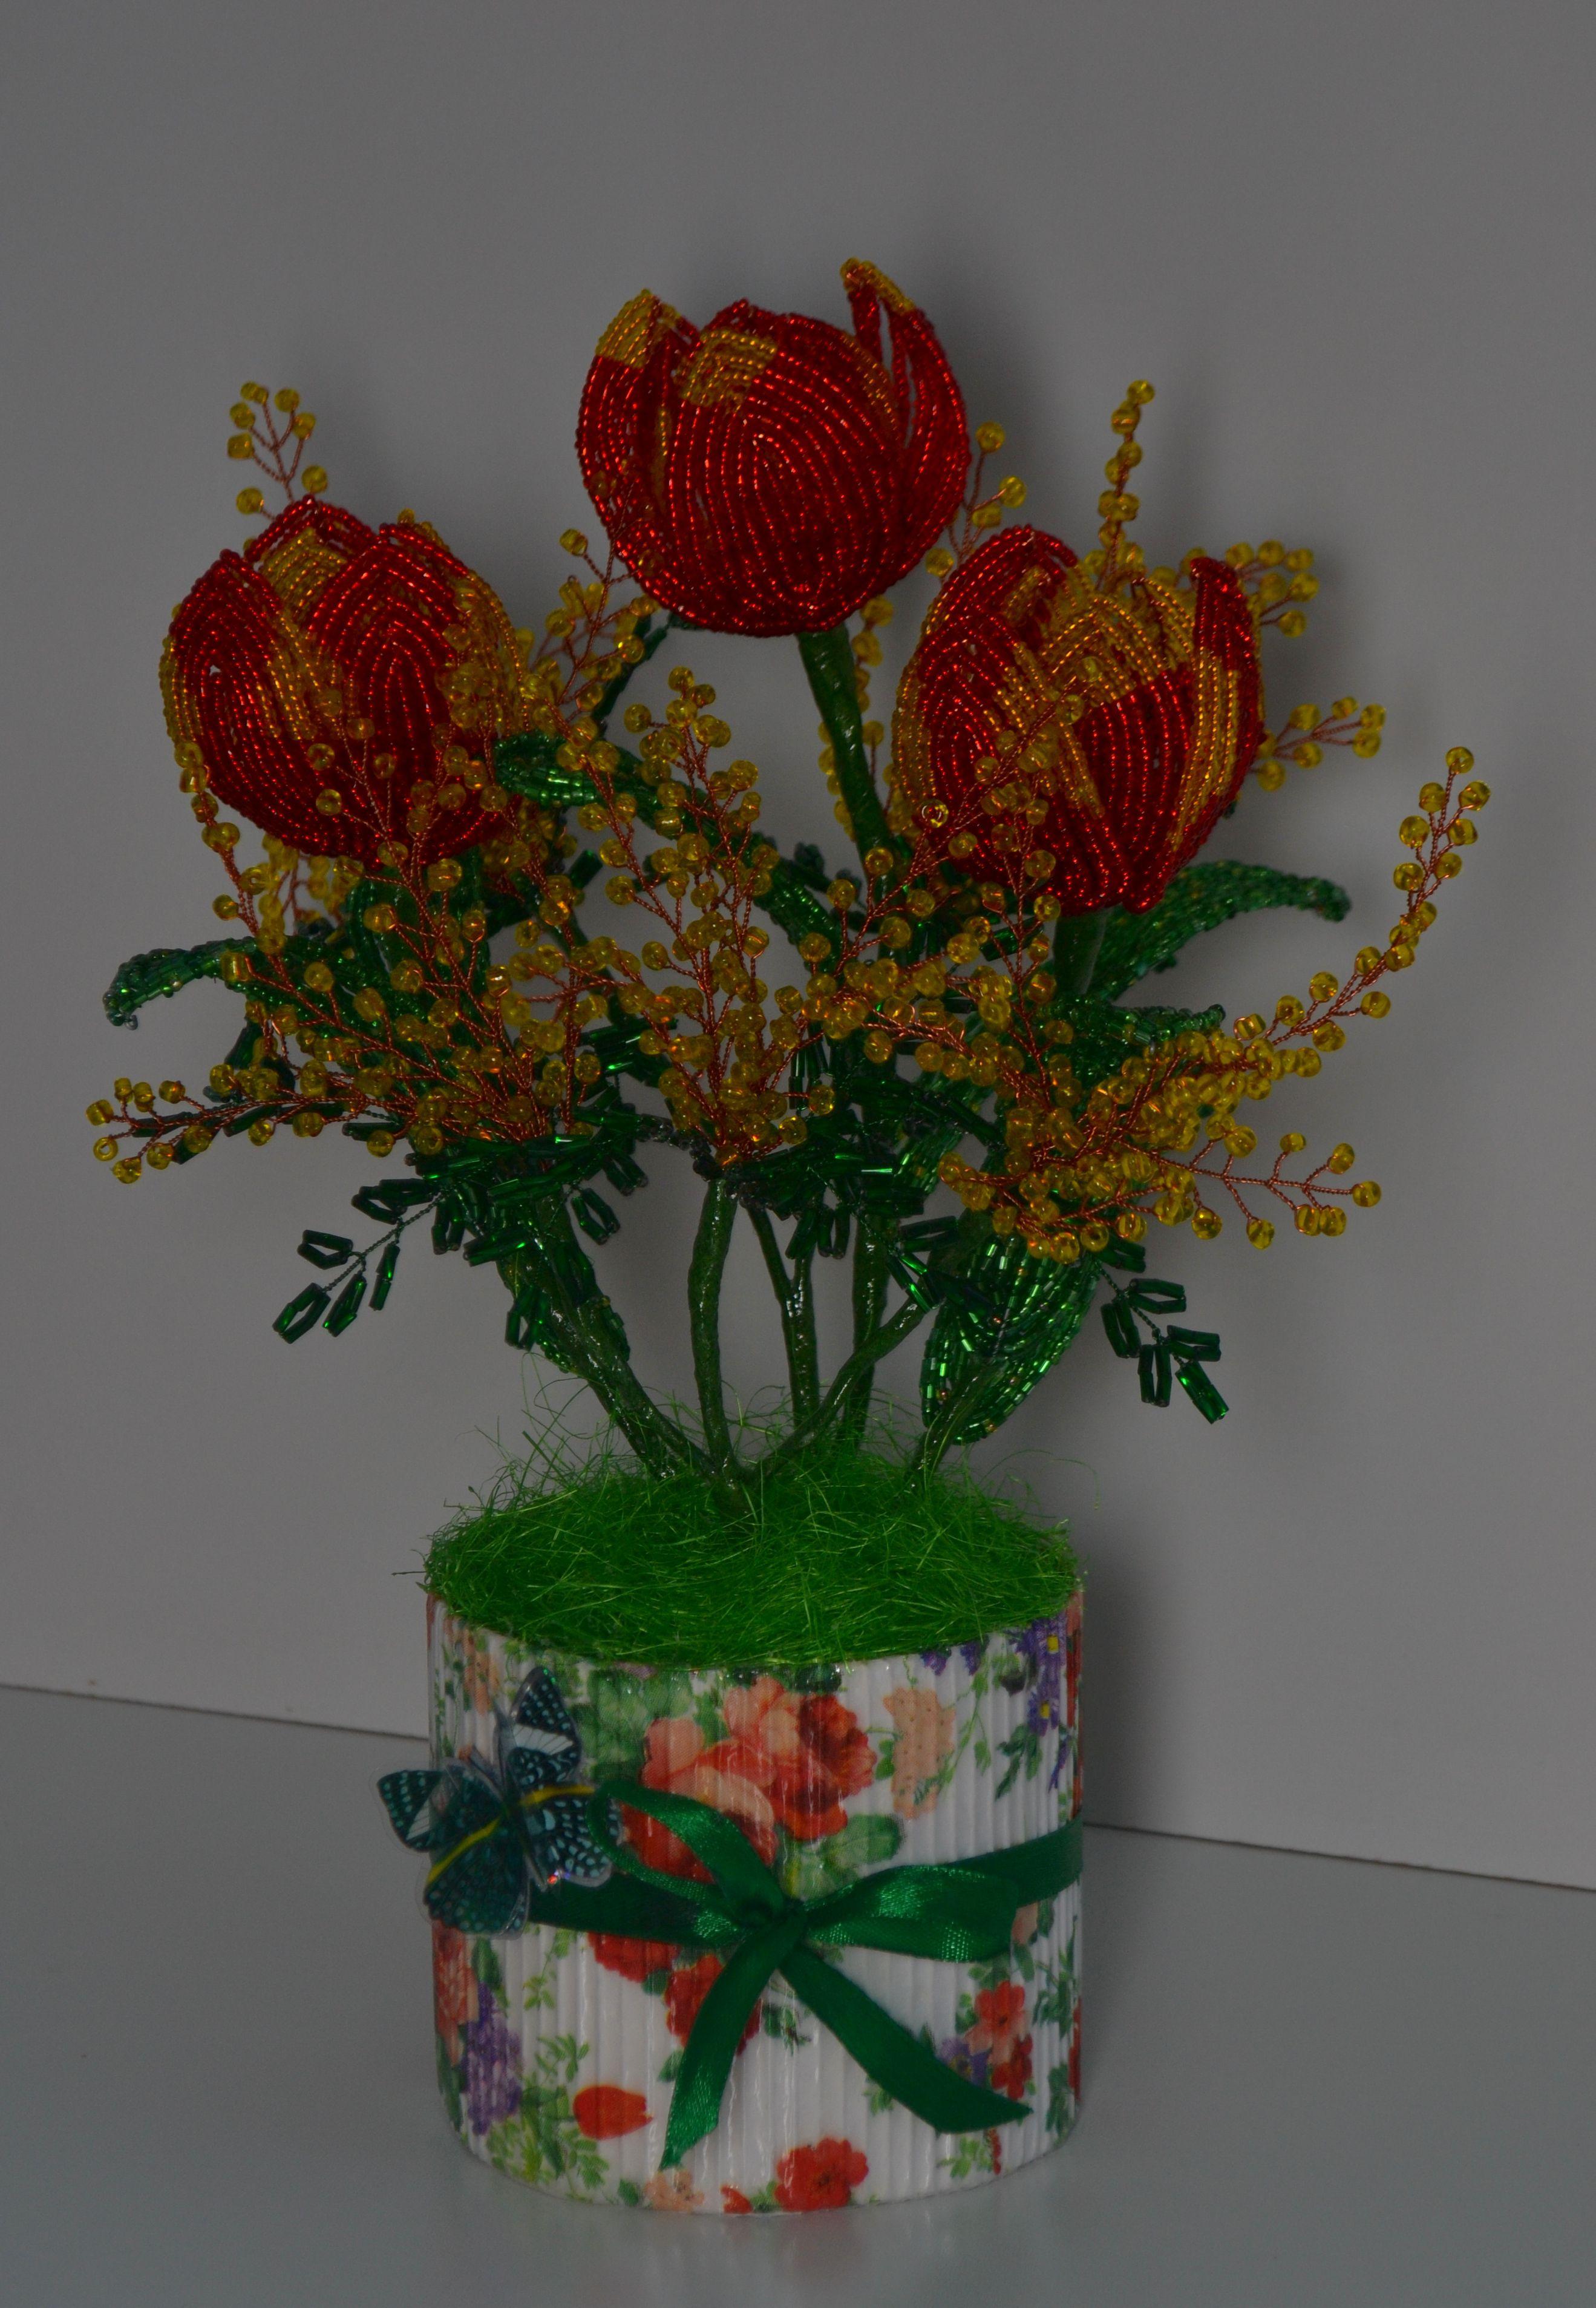 8марта бисер букет сувенир весна подарок цветы